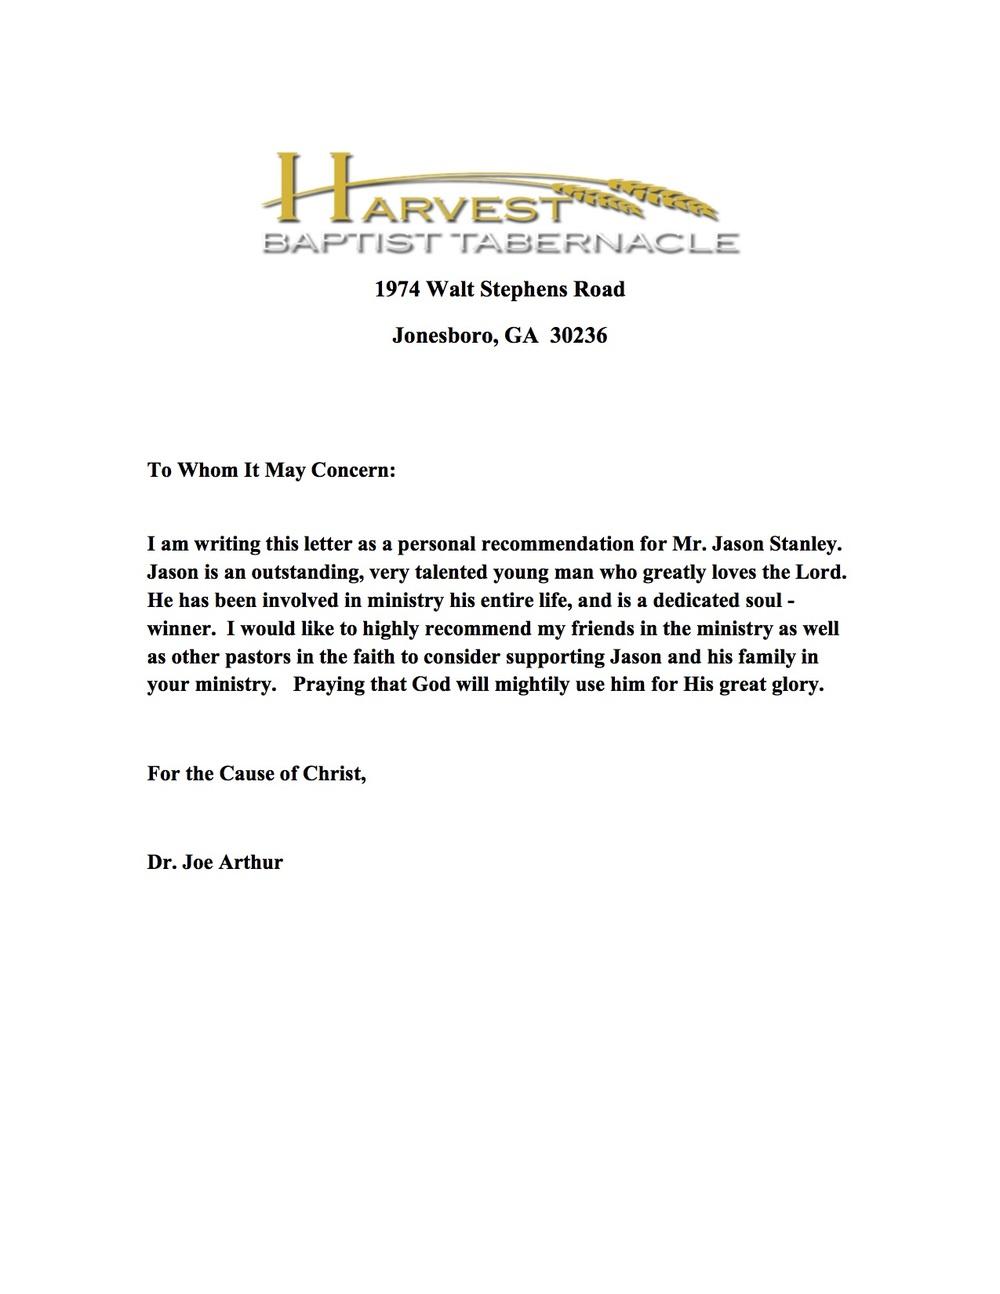 Bro. Joe Arthur's Recommendation Letter.jpg